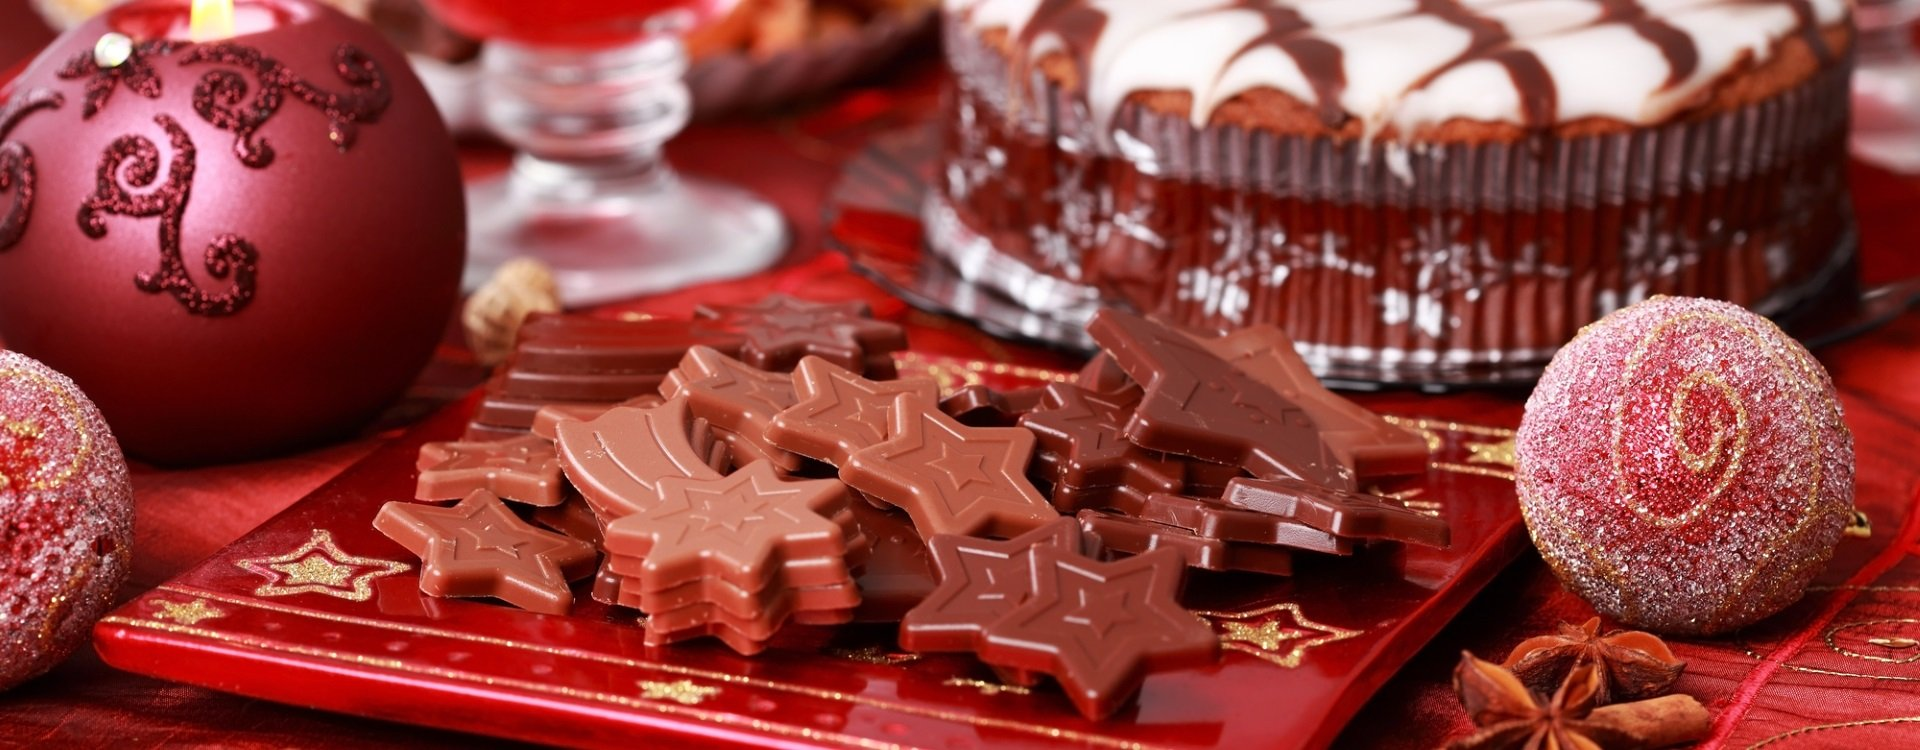 Schokolade ist eine der beliebtesten Süßigkeiten